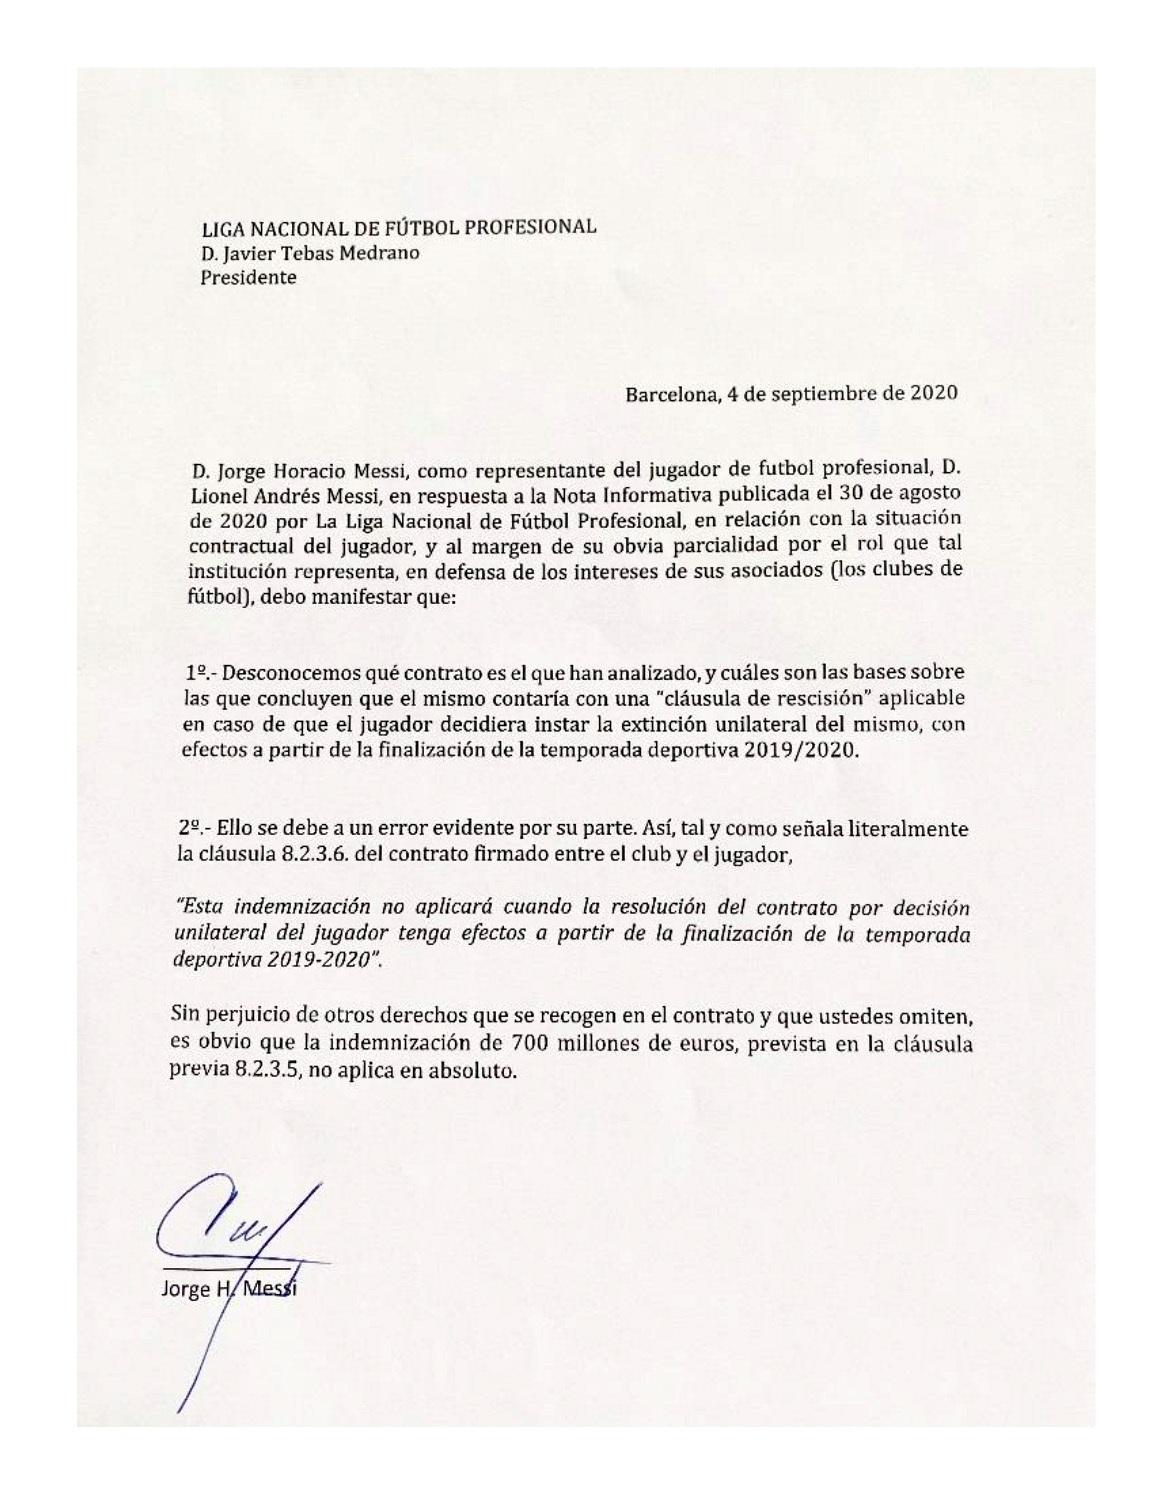 Jorge Messi, padre y representante del delantero del Barcelona Lionel Messi, hizo pública este viernes la cláusula del contrato del jugador por la que este puede desvincularse, sin indemnización, del club azulgrana. EFE/Jorge Messi